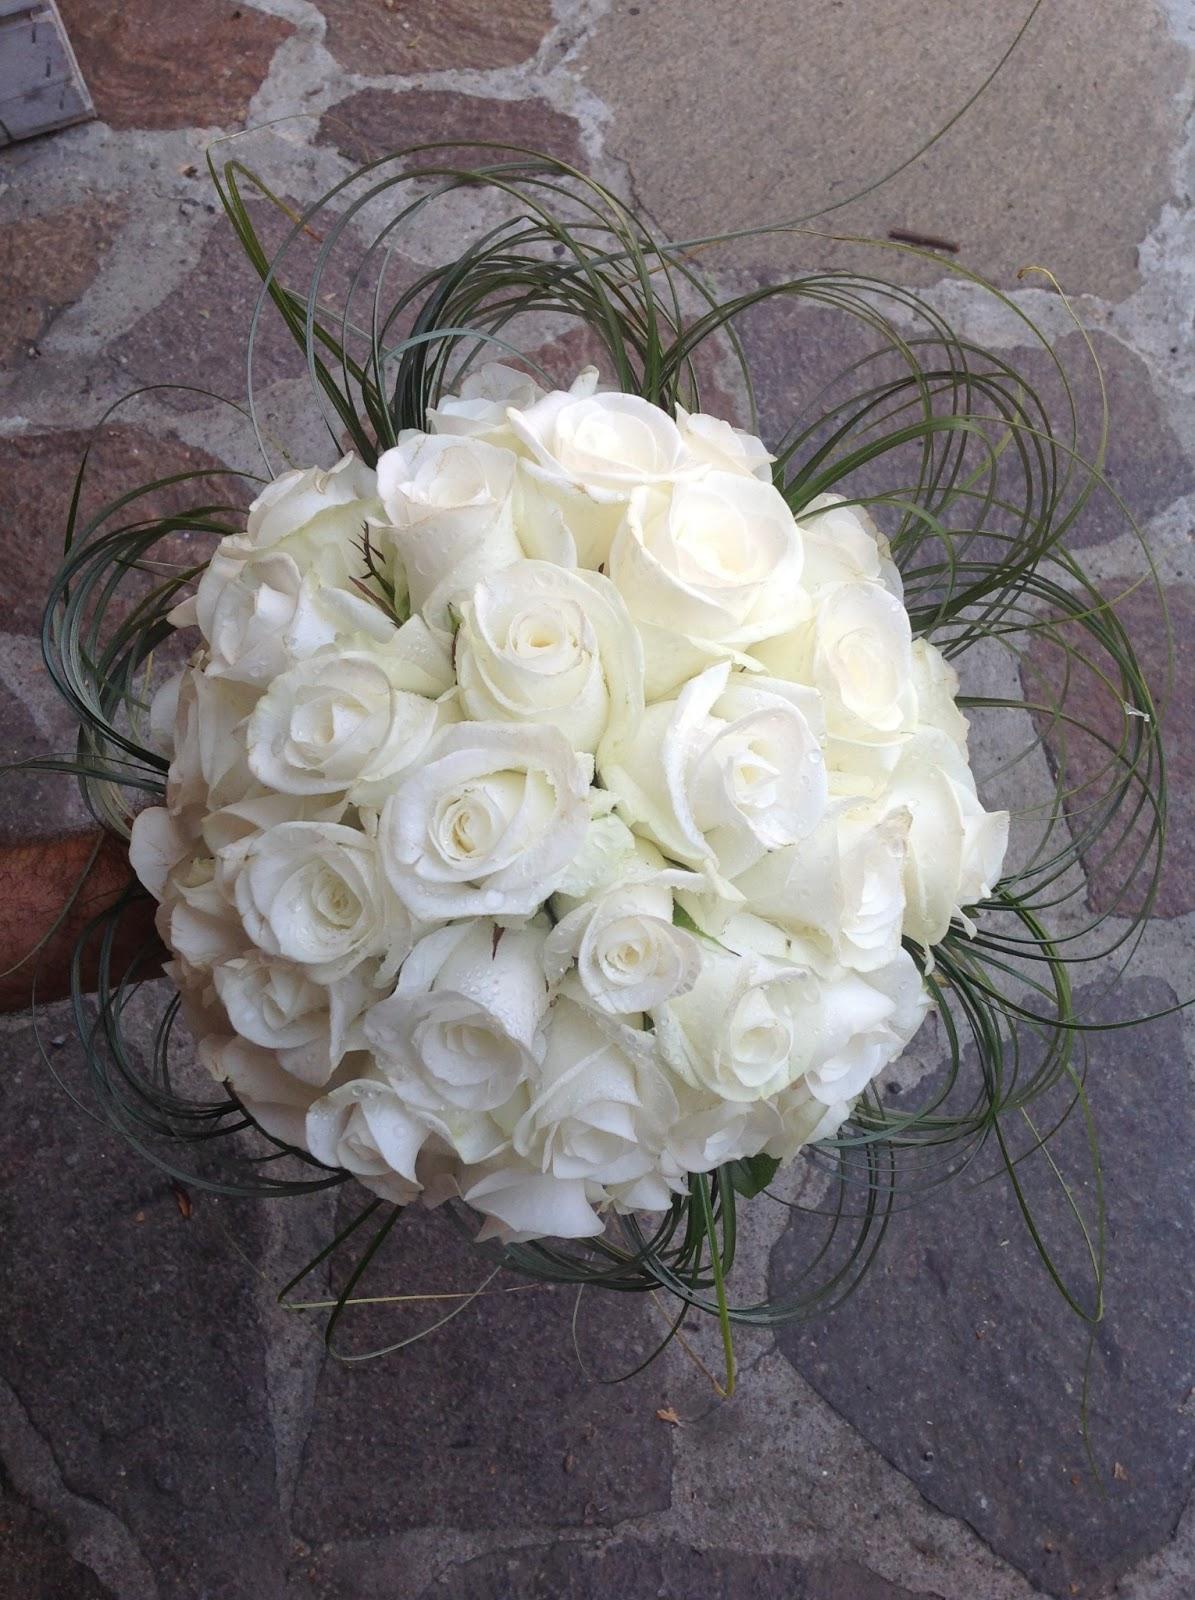 Matrimonio in lombardia giugno 2013 - Cesti porta bomboniere matrimonio ...